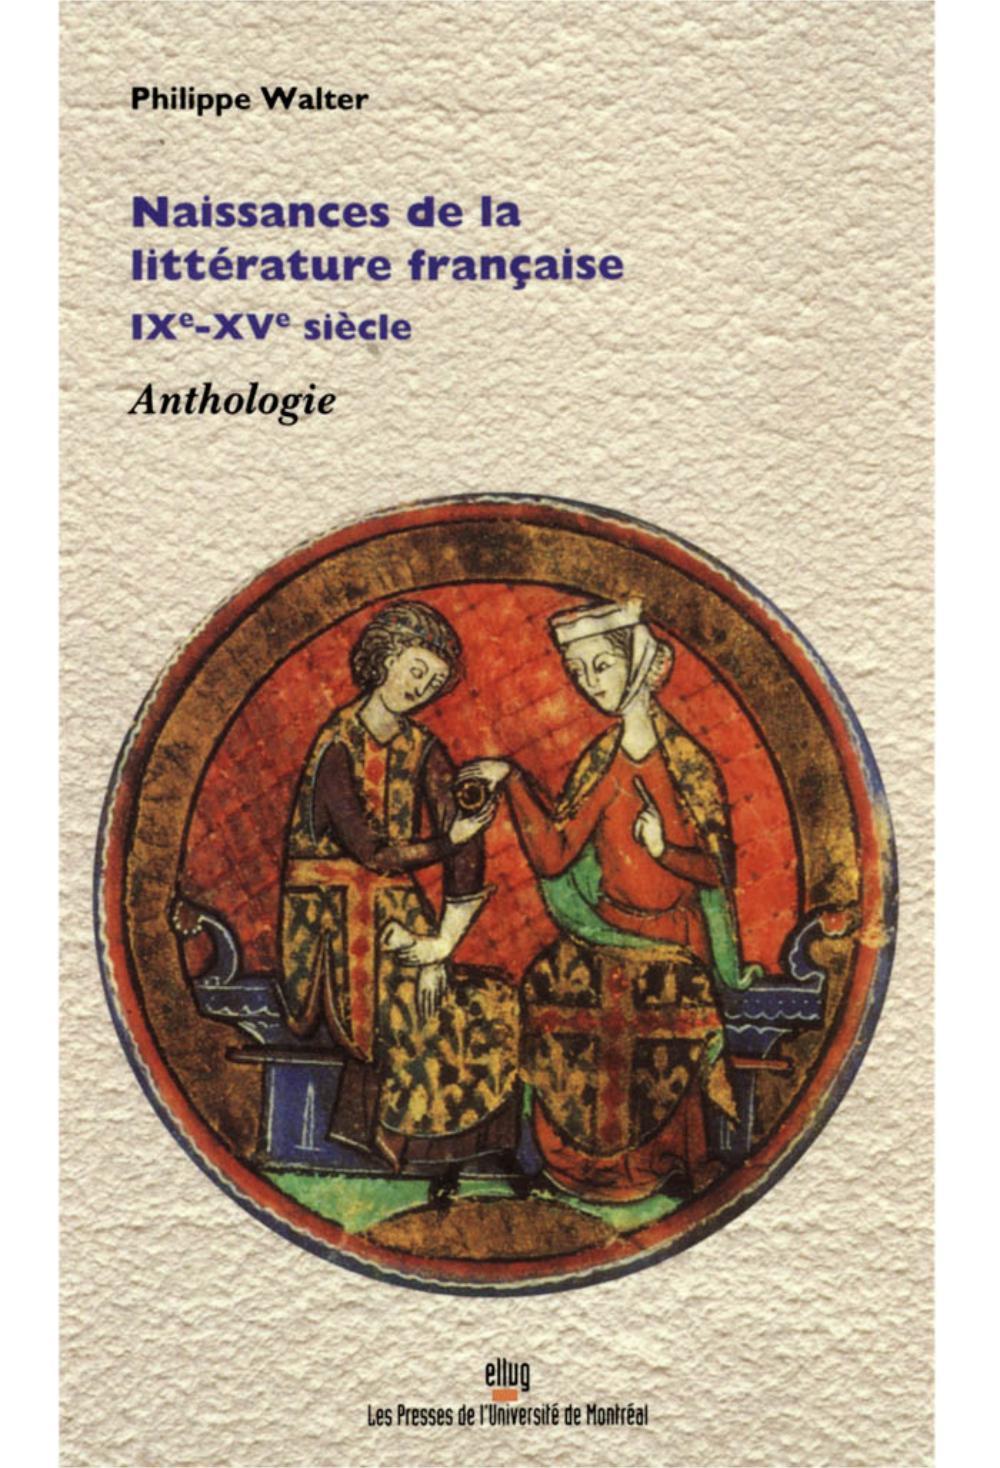 NAISSANCES DE LA LITTERATURE FRANCAISE, IXE-XVE SIECLE. ANTHOLOGIE